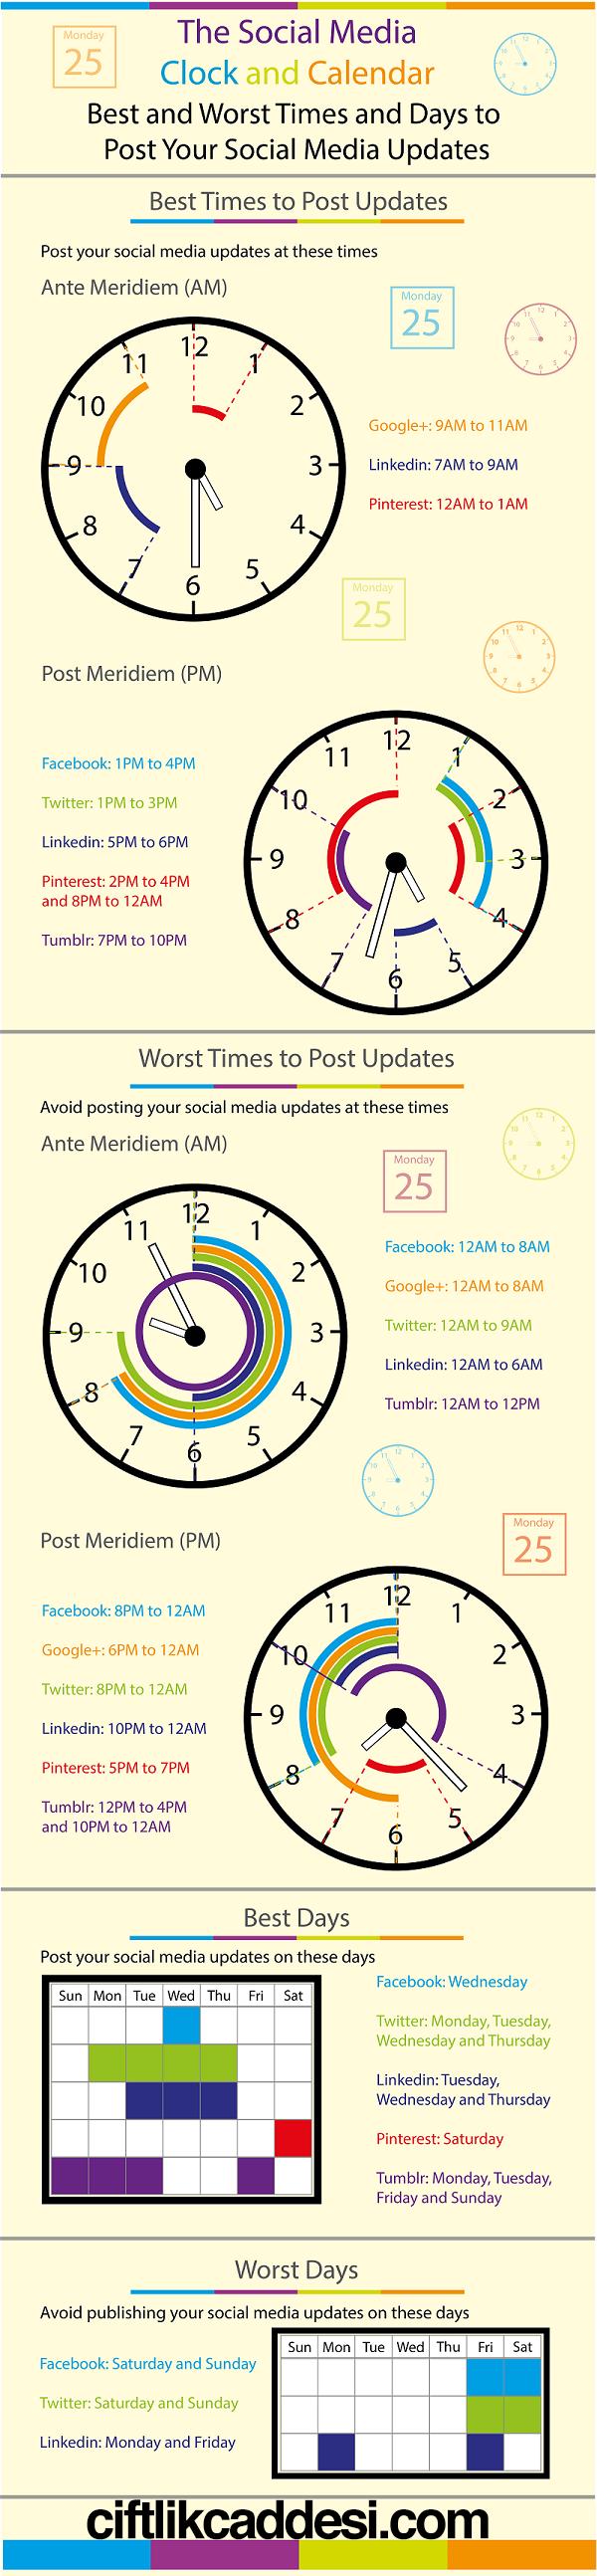 sosyal-medyada-paylasim-icin-en-iyi-ve-en-kotu-zamanlar copy